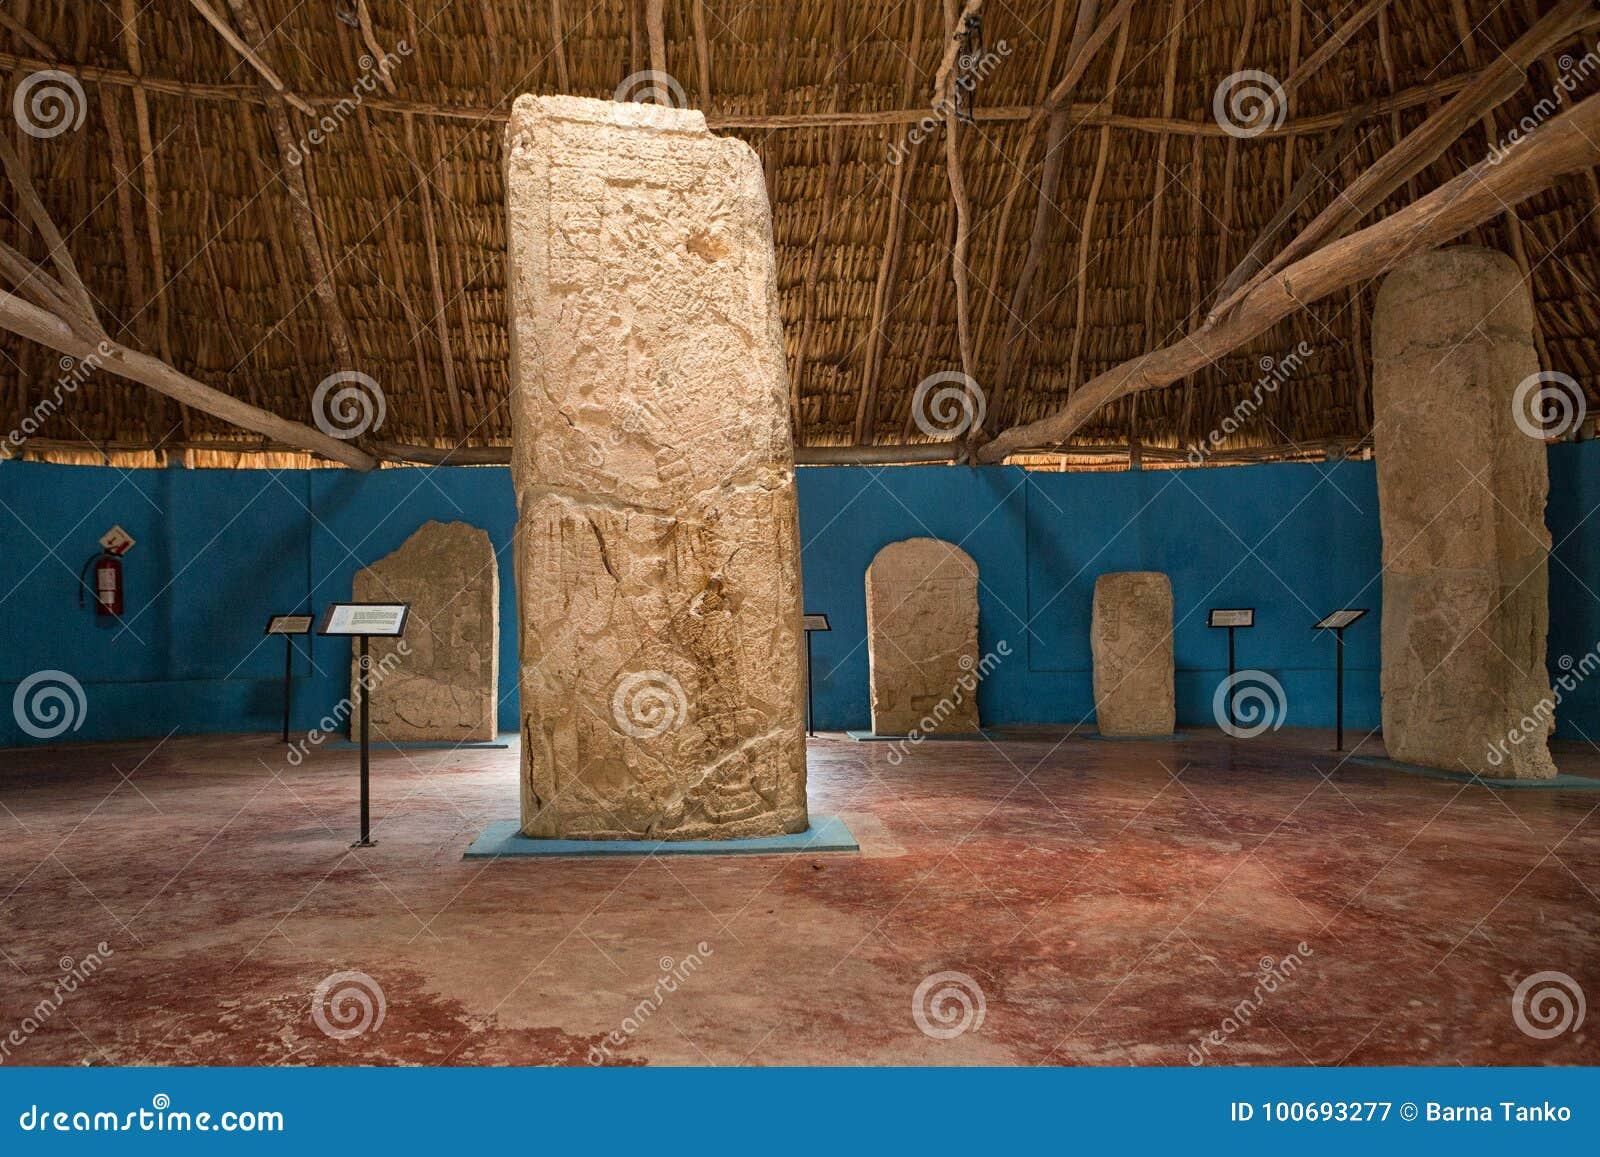 Mayan stelae at Edzna Mexico